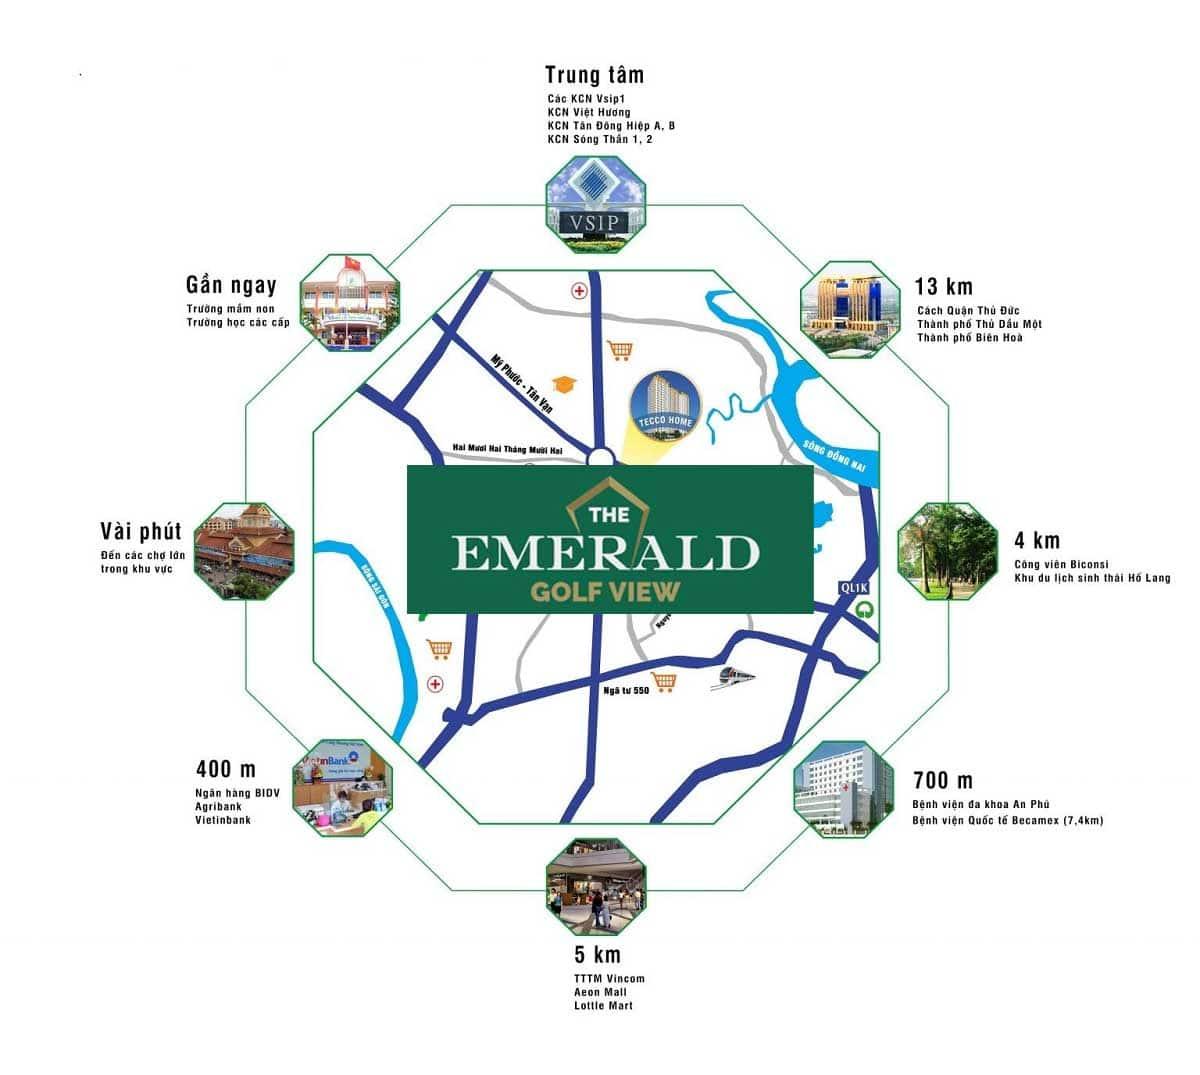 Tiện ích ngoại khu Dự án The Emerald Golf View Thuận An Bình Dương - THE EMERALD GOLF VIEW BÌNH DƯƠNG